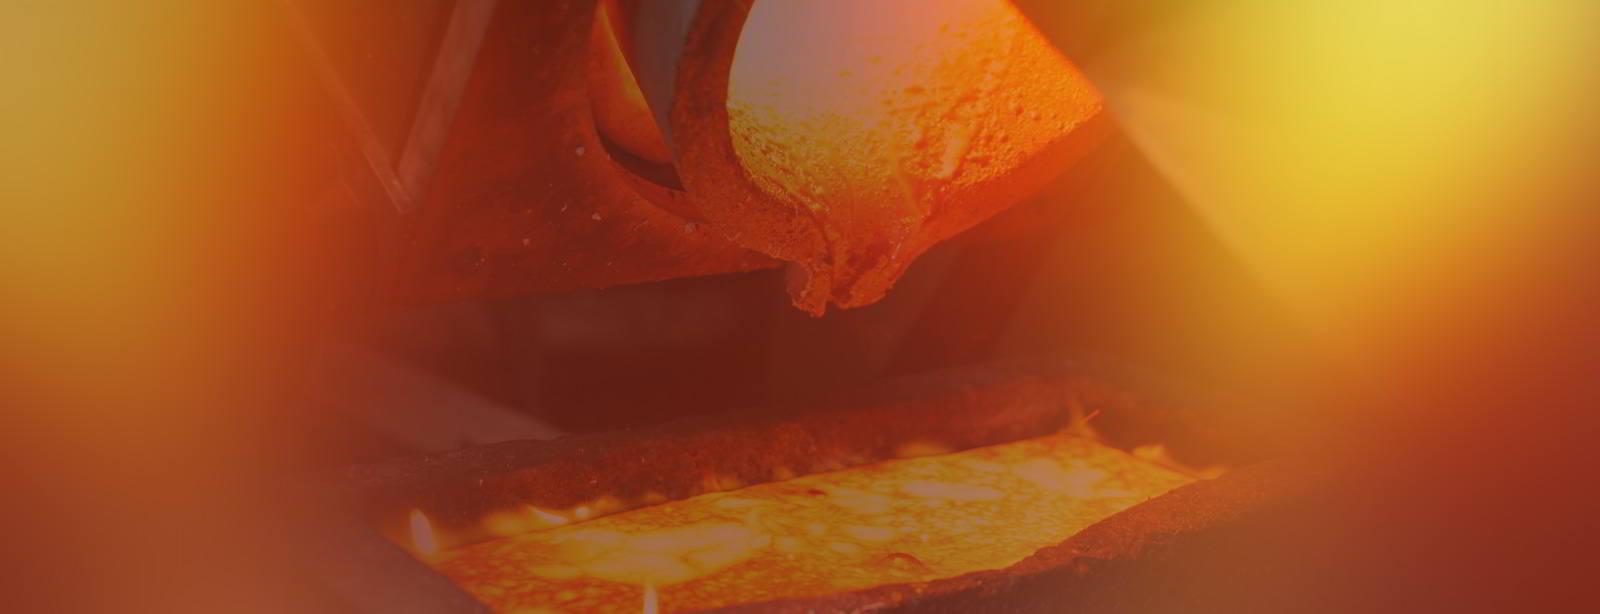 Las Vegas Precious Metal Refining - Refining Gold